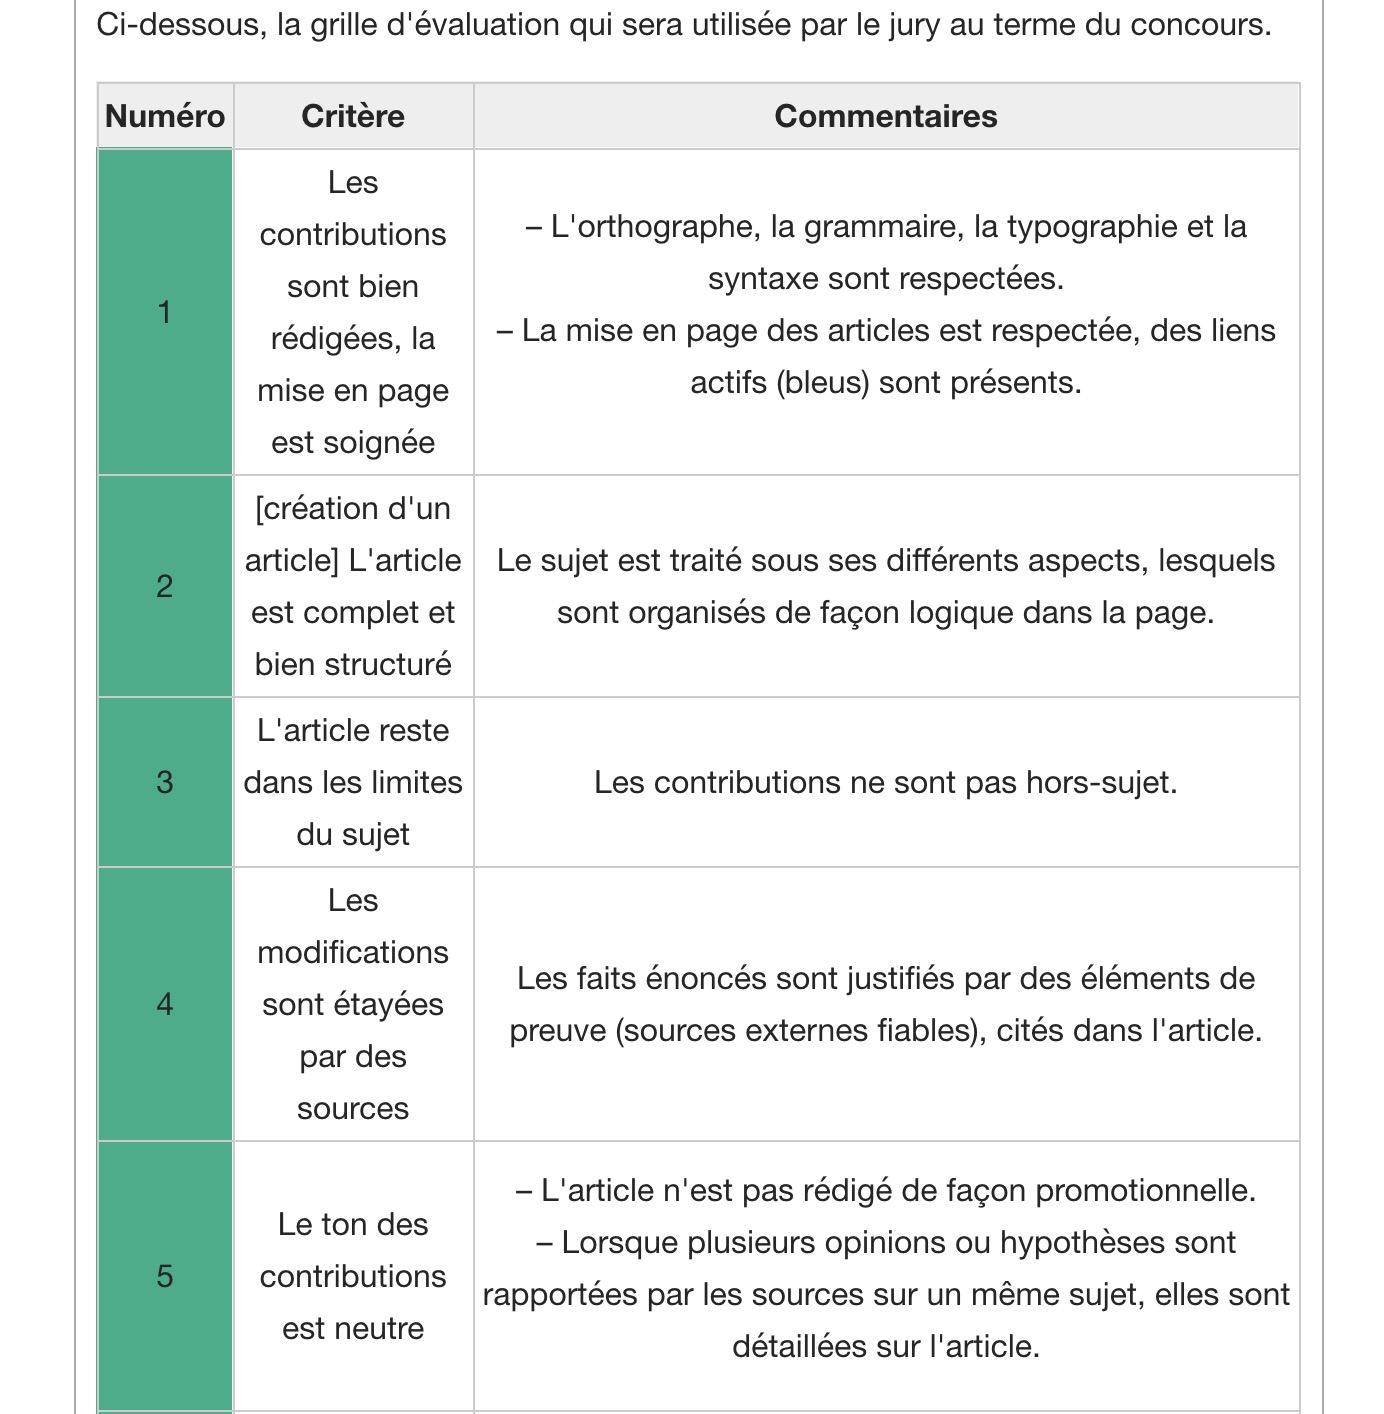 Grille d'évaluation du Wikiconcours (1)